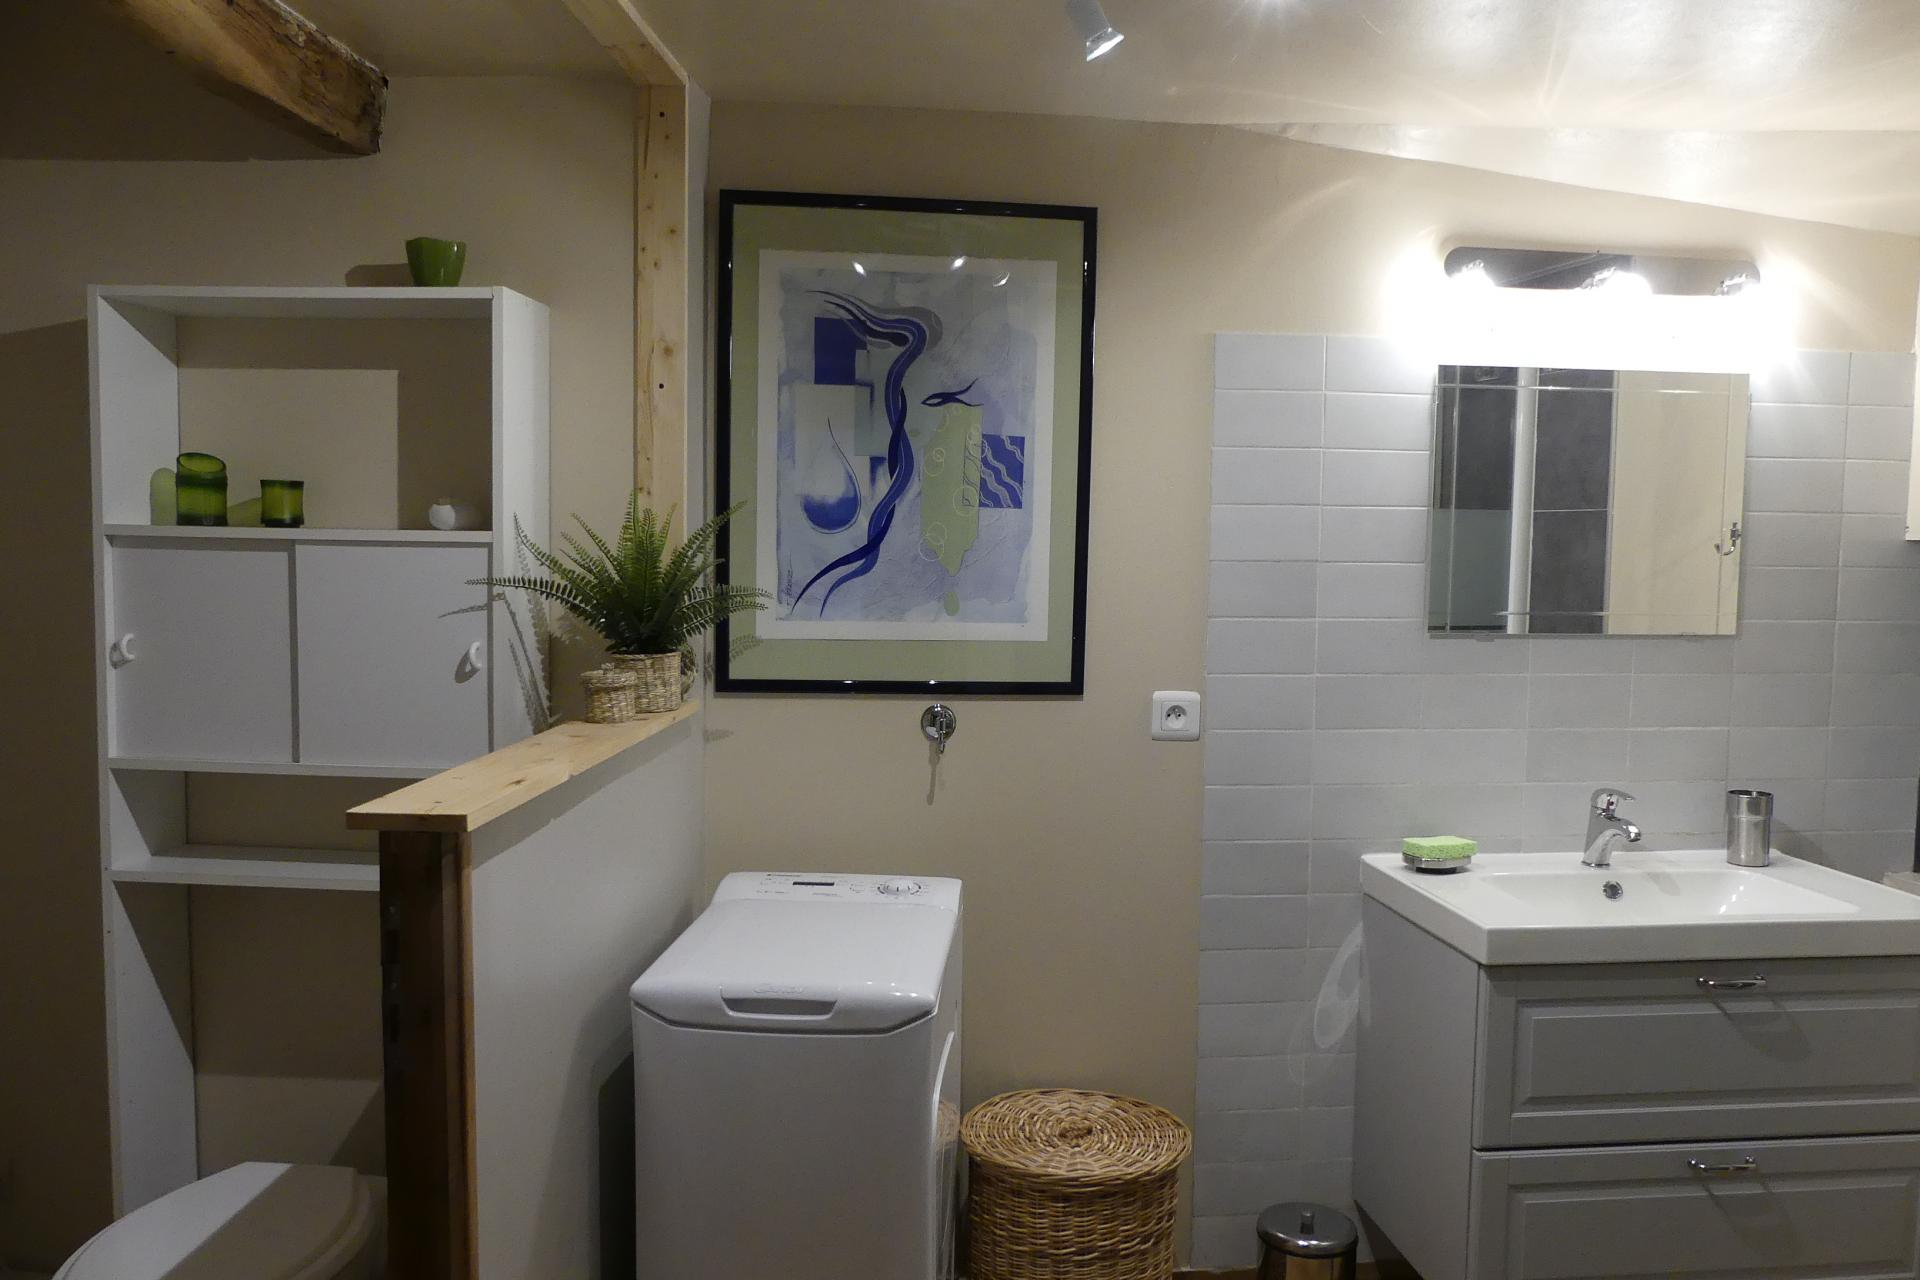 La salle de bain avec aperçu de l'espace séparé pour les WC